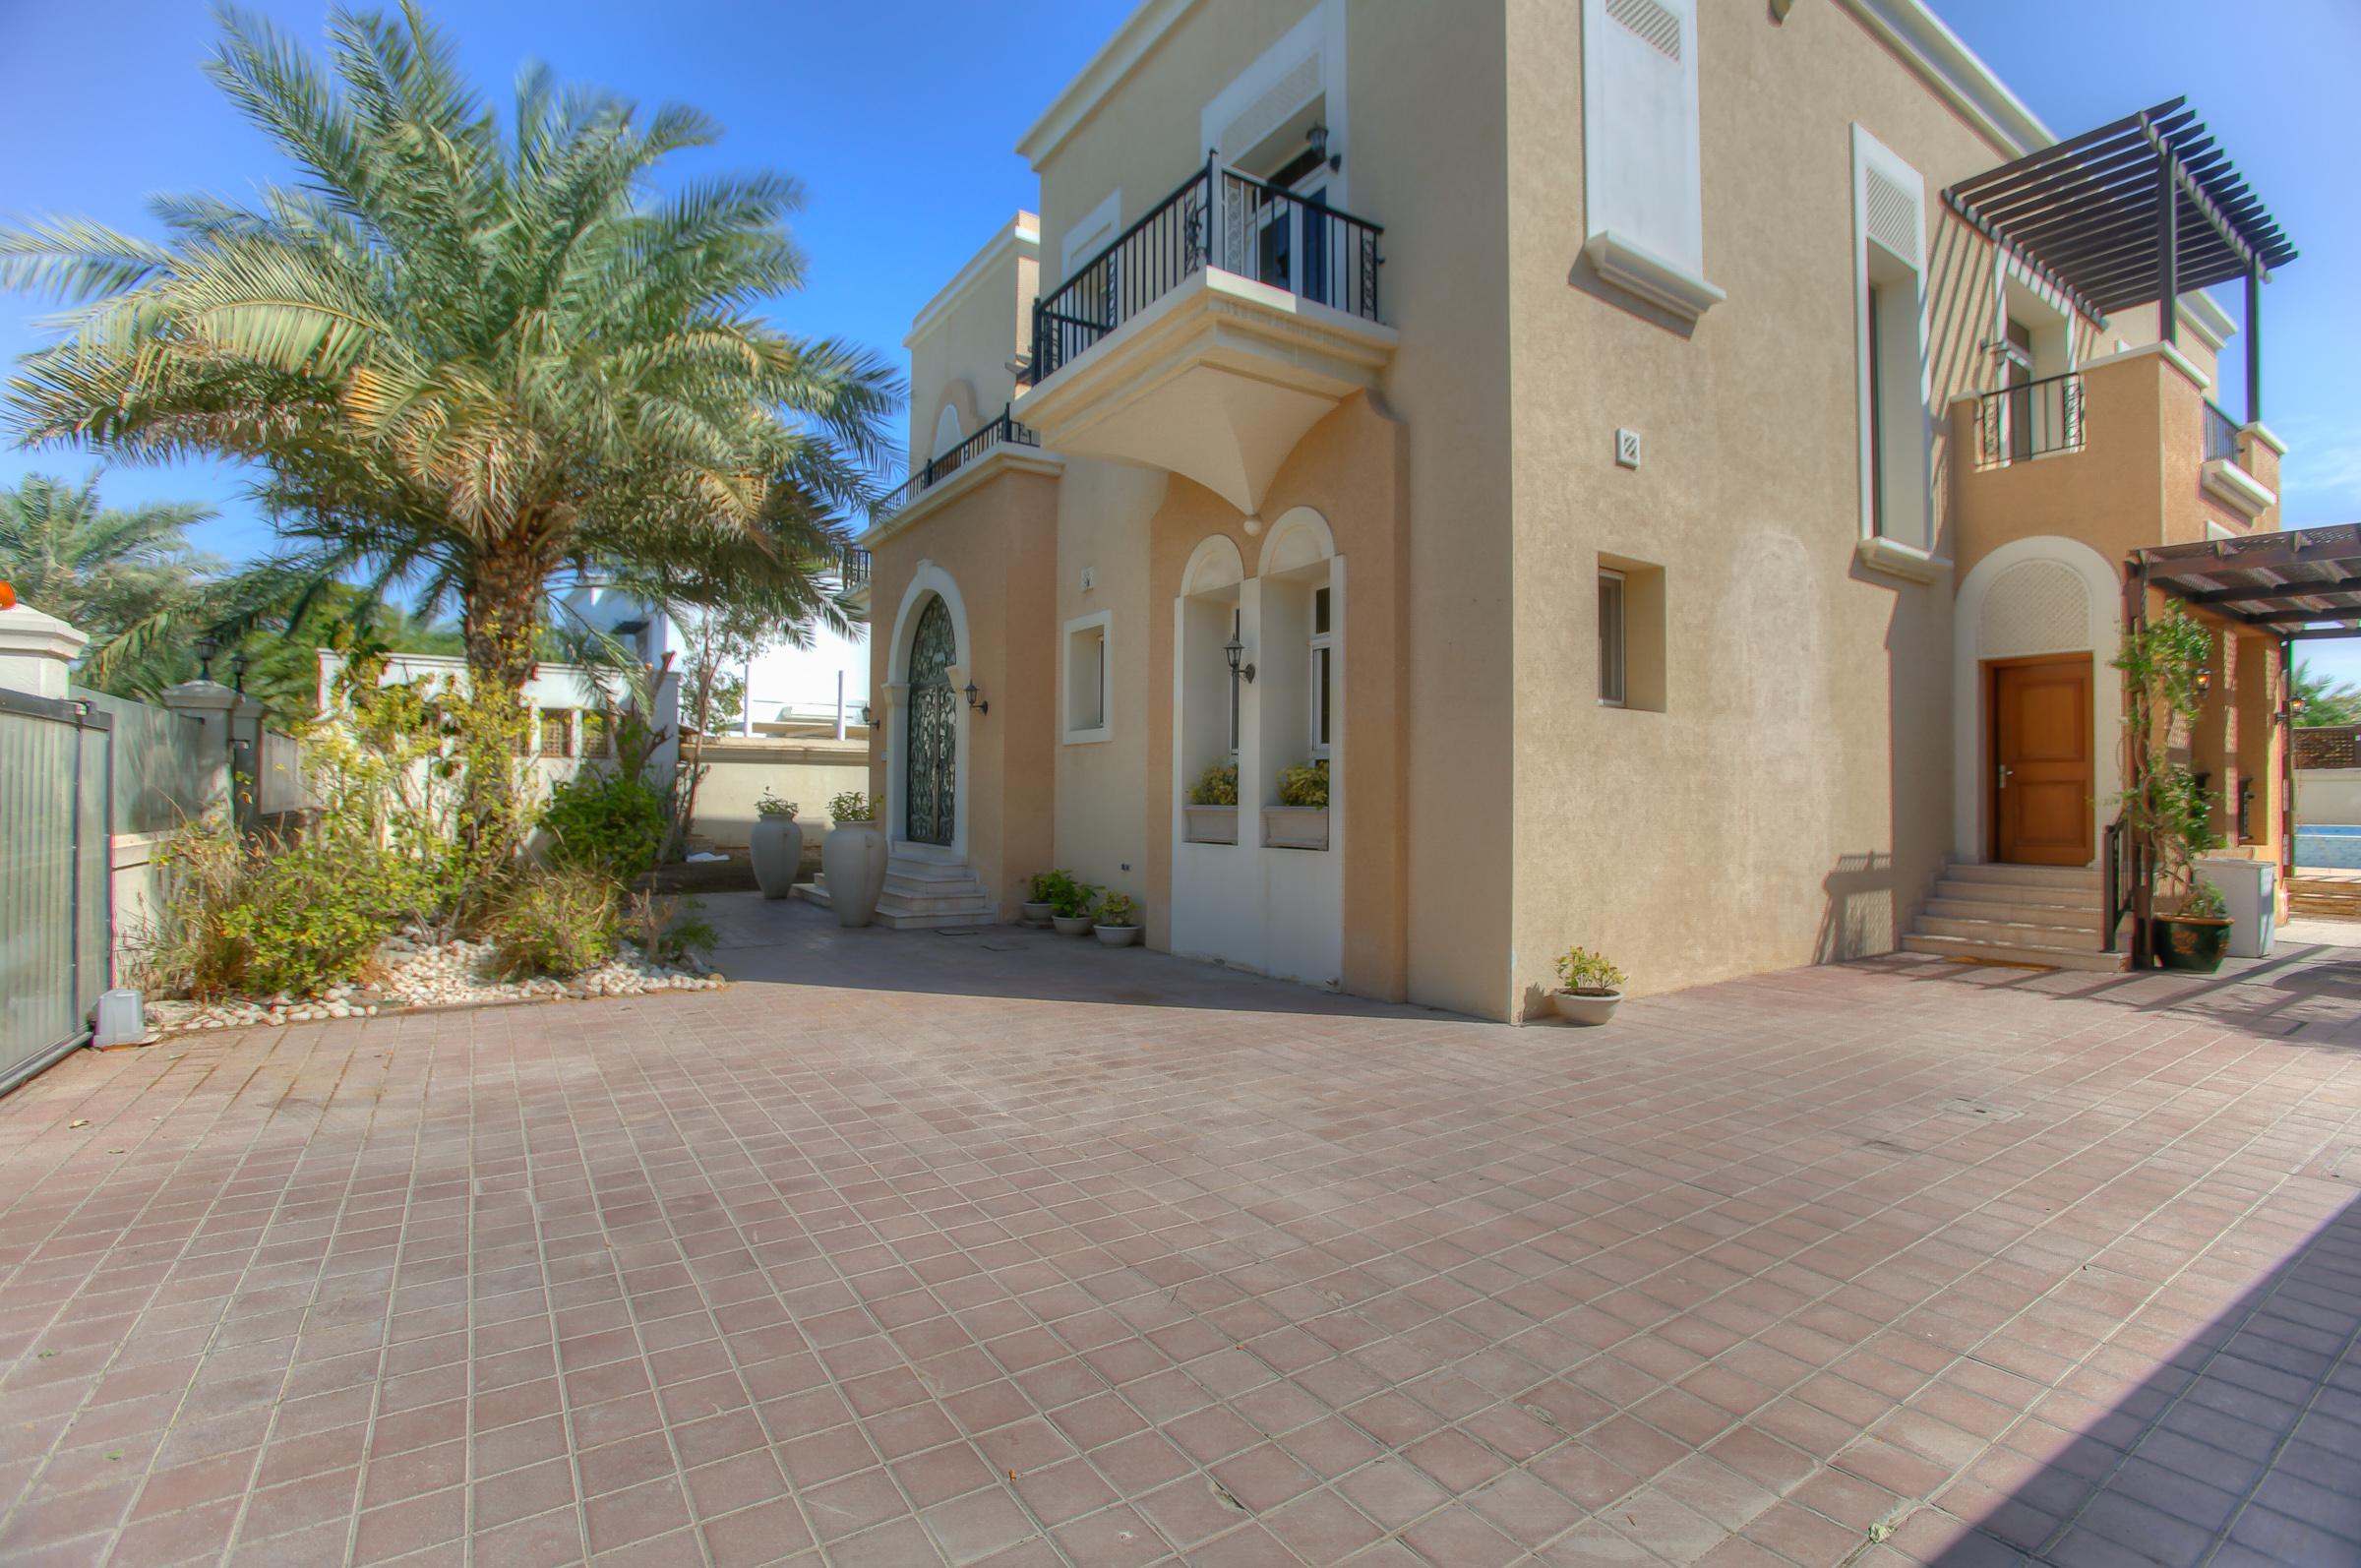 Многосемейный дом для того Продажа на Arabtech Built Emirates Hills Villa Emirates Hills, Dubai, Объединенные Арабские Эмираты